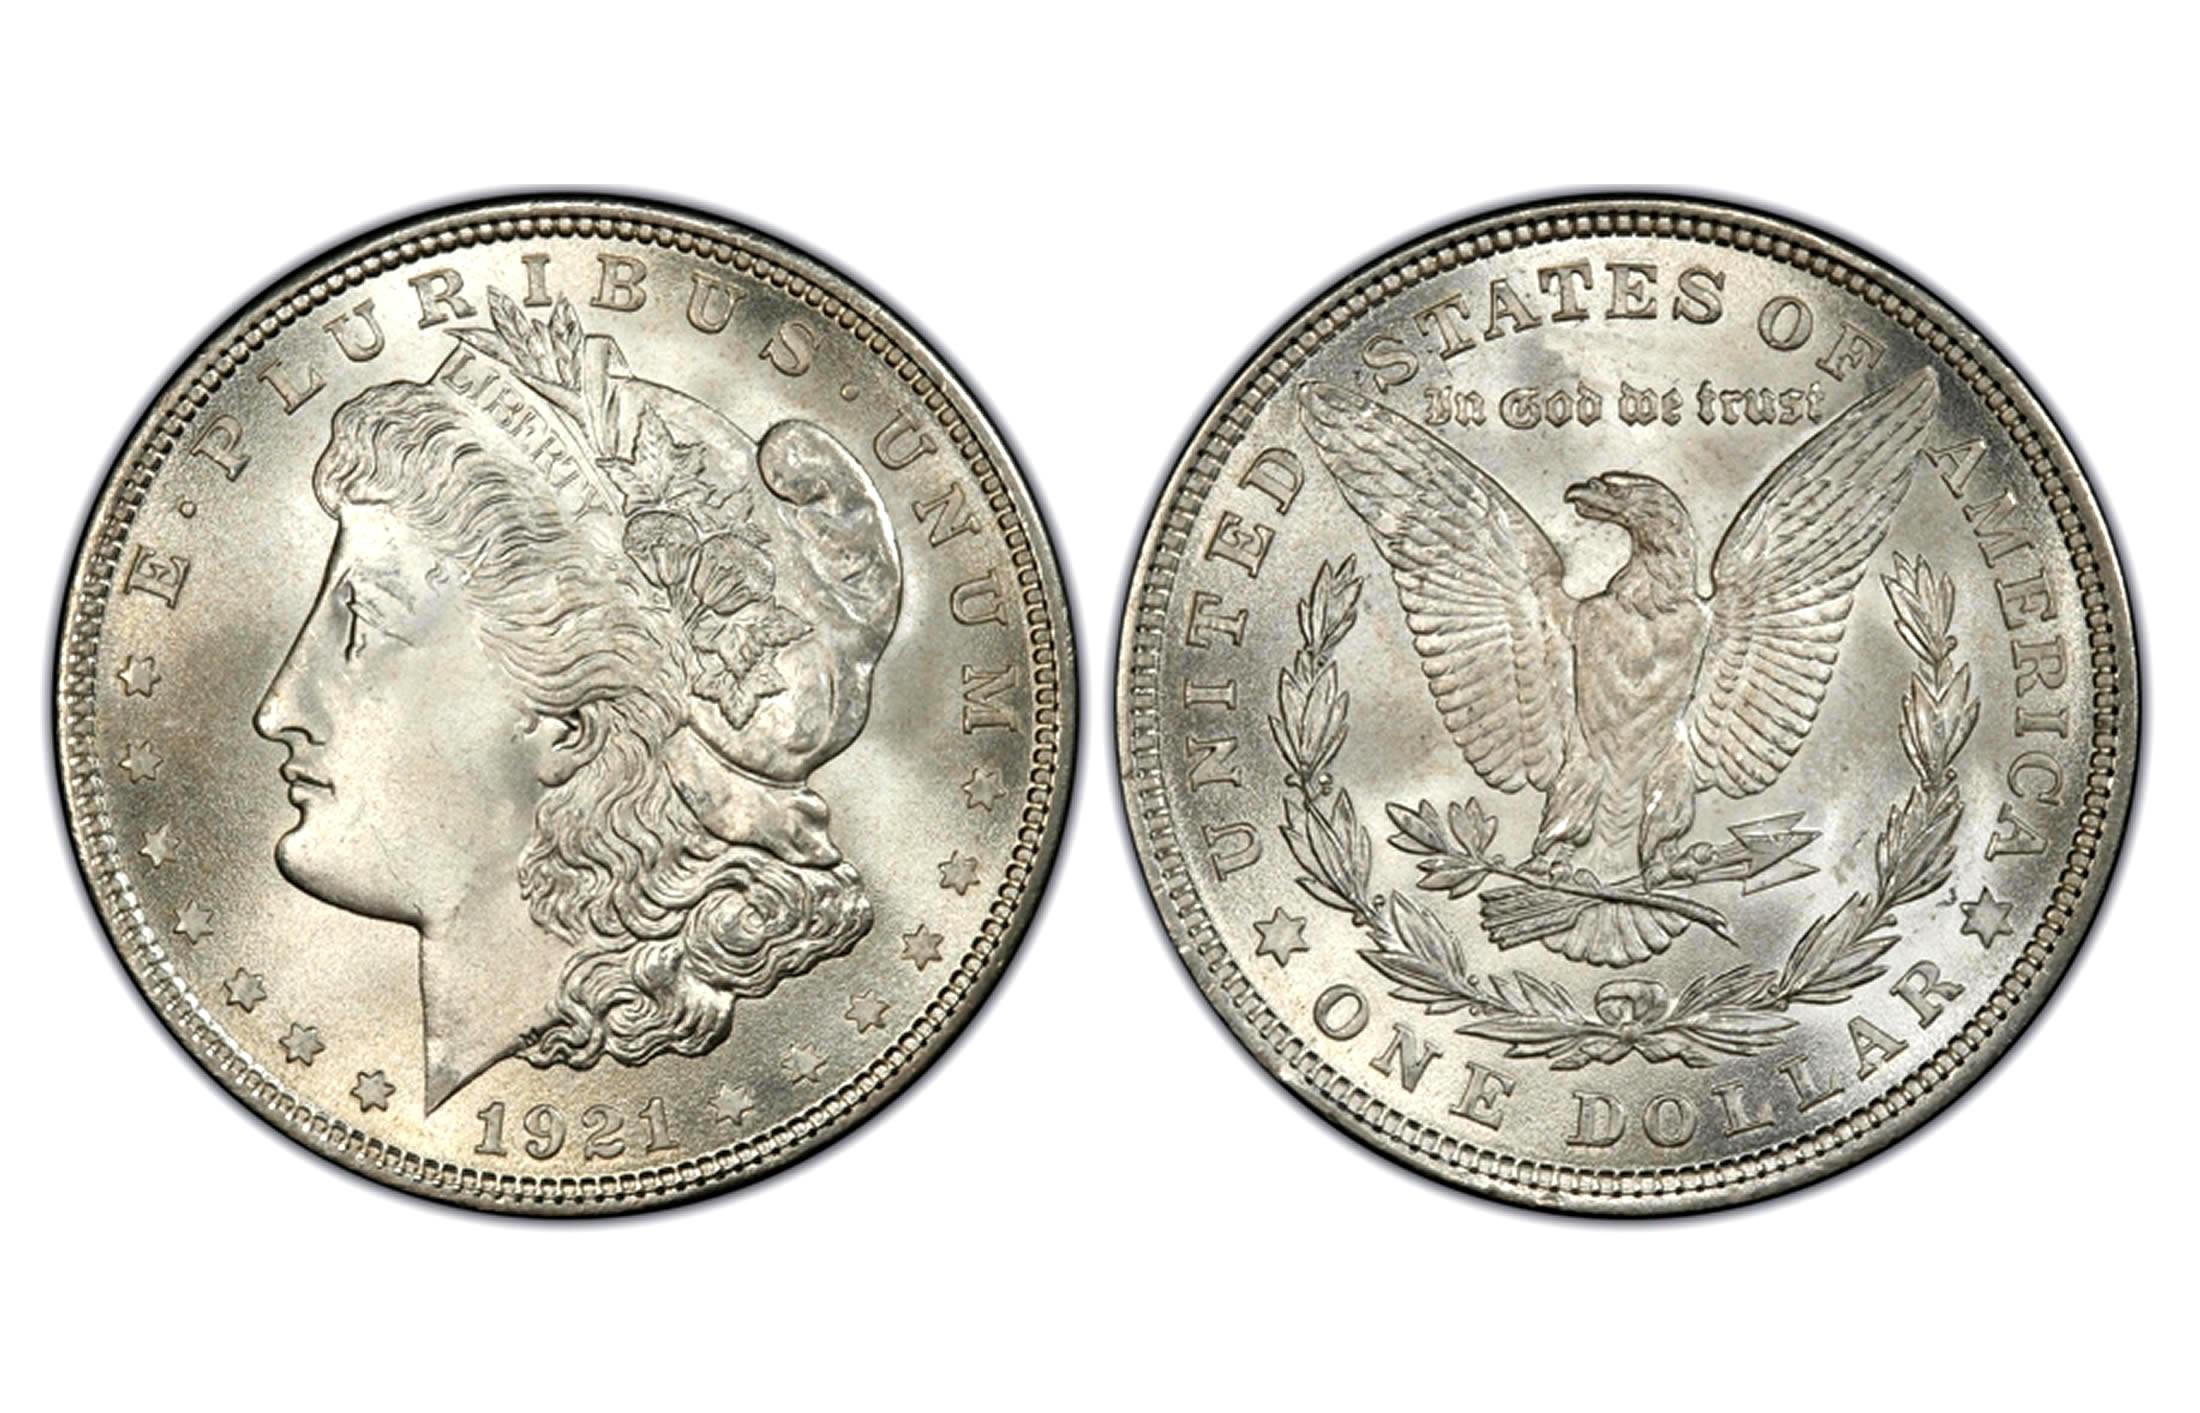 Morgan Silver Dollar Coins  1 oz 1878 1904 1921  1 Face Value  Pre1921 Silver Coins